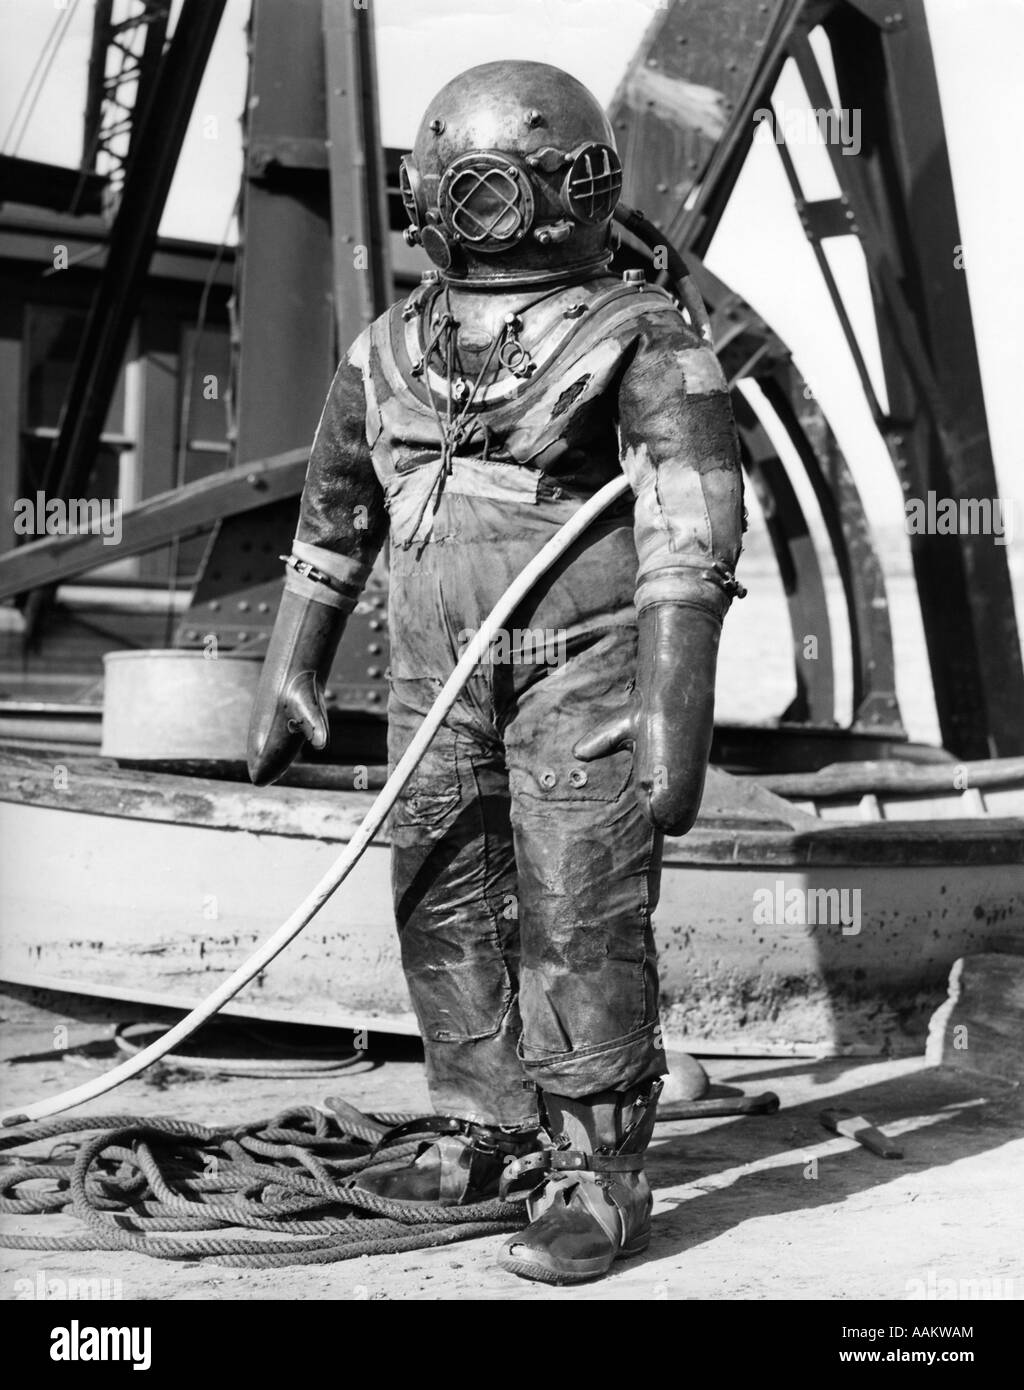 1930 1940 PLENA FIGURA DO HOMEM EM debaixo de capacete de mergulho em alto mar SUIT Foto de Stock